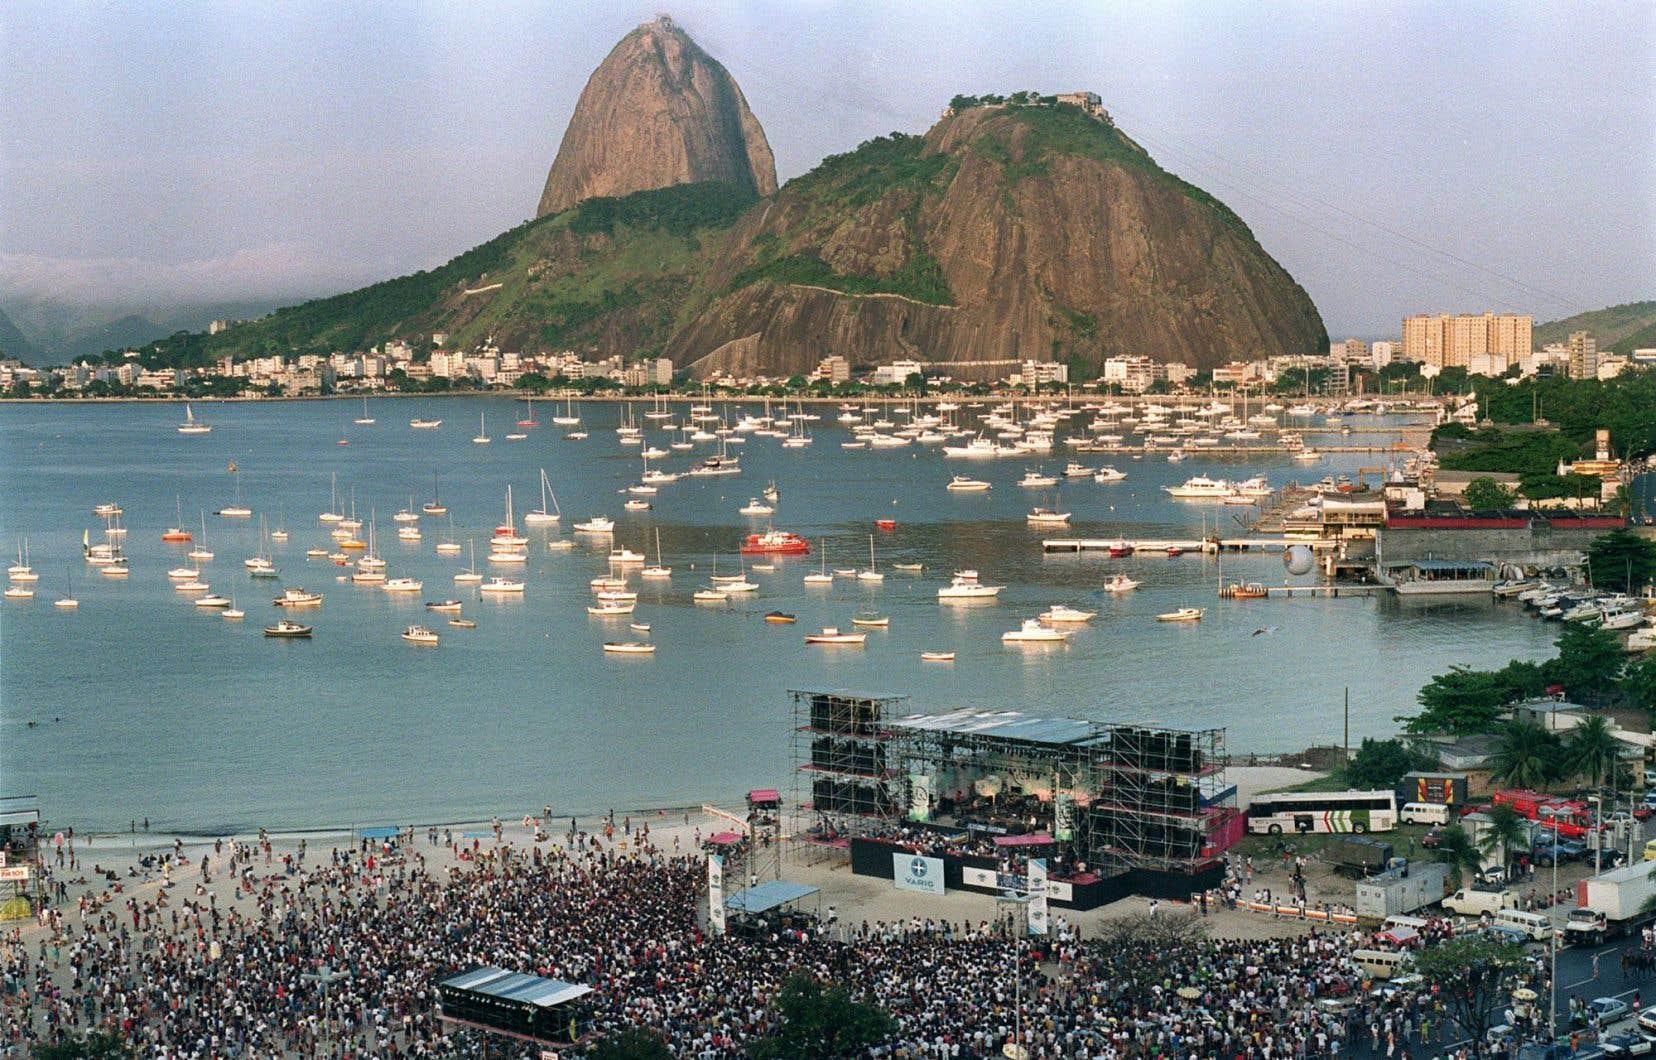 Des milliers de personnes se sont rendues au Sommet de la Terre de Rio de Janeiro, le 30 mai 1992.